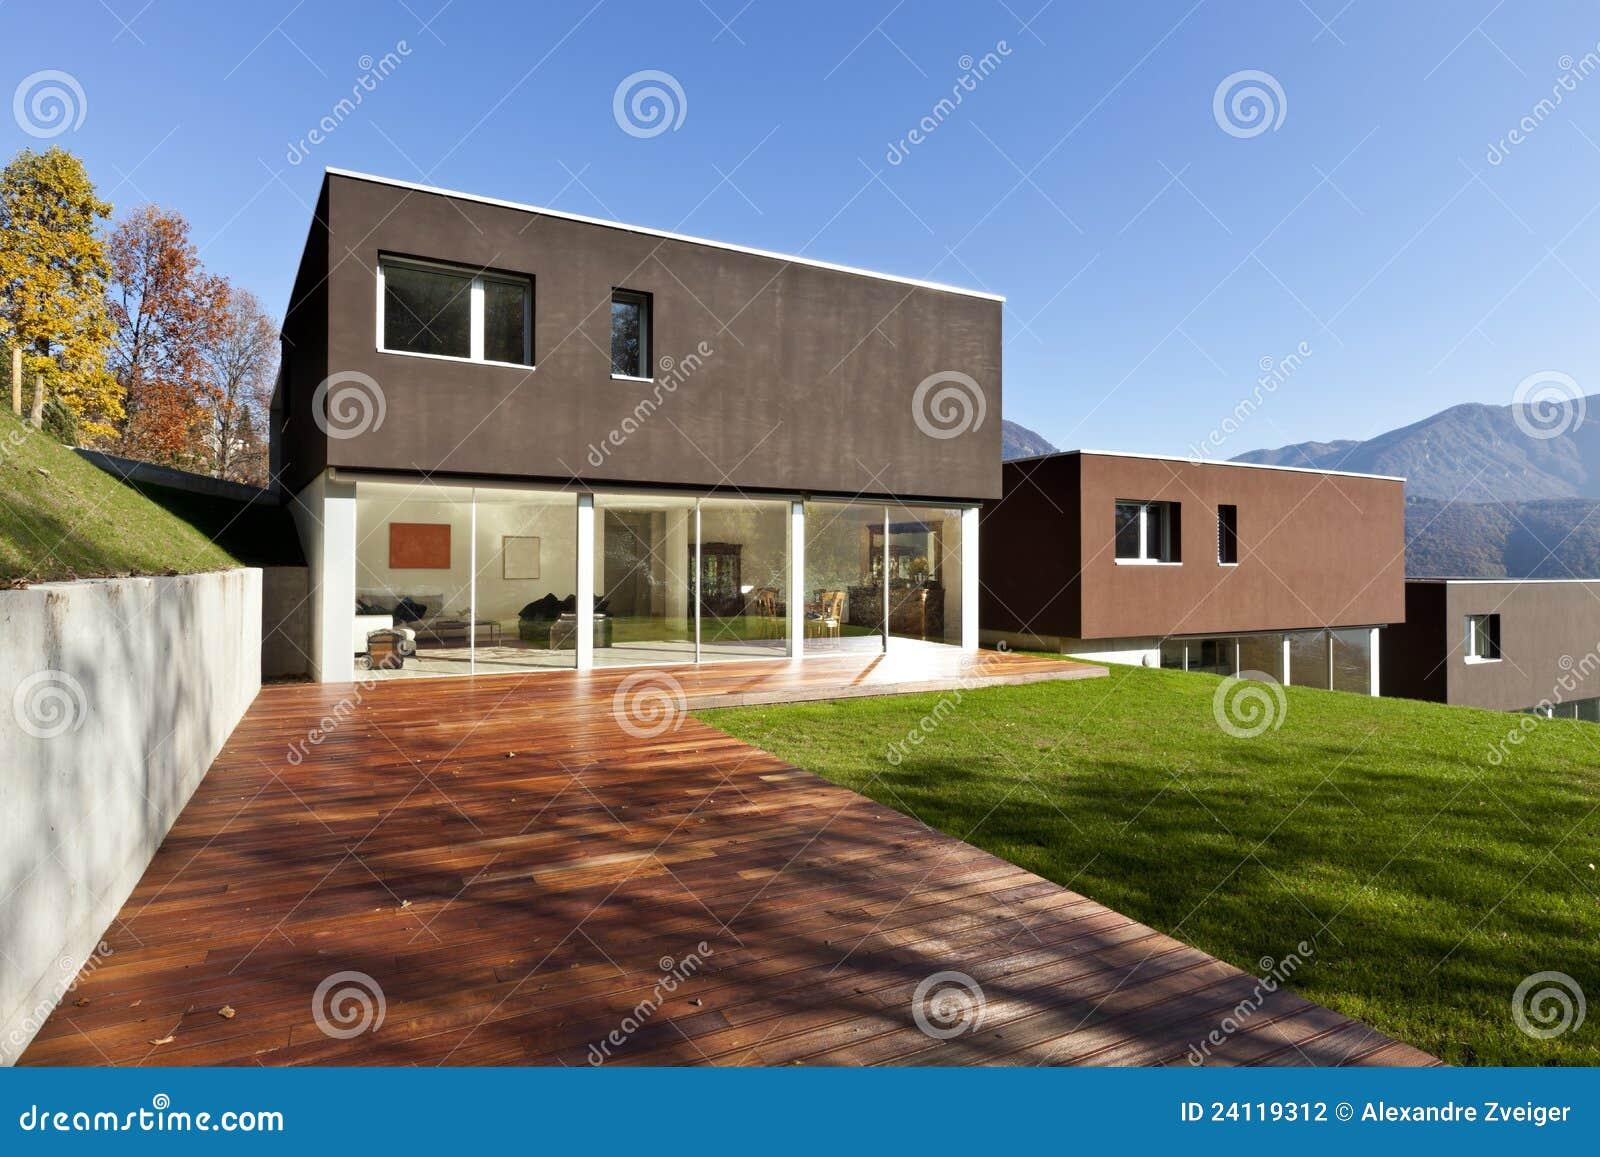 Case moderne con il giardino fotografia stock immagine for Foto case arredate moderne